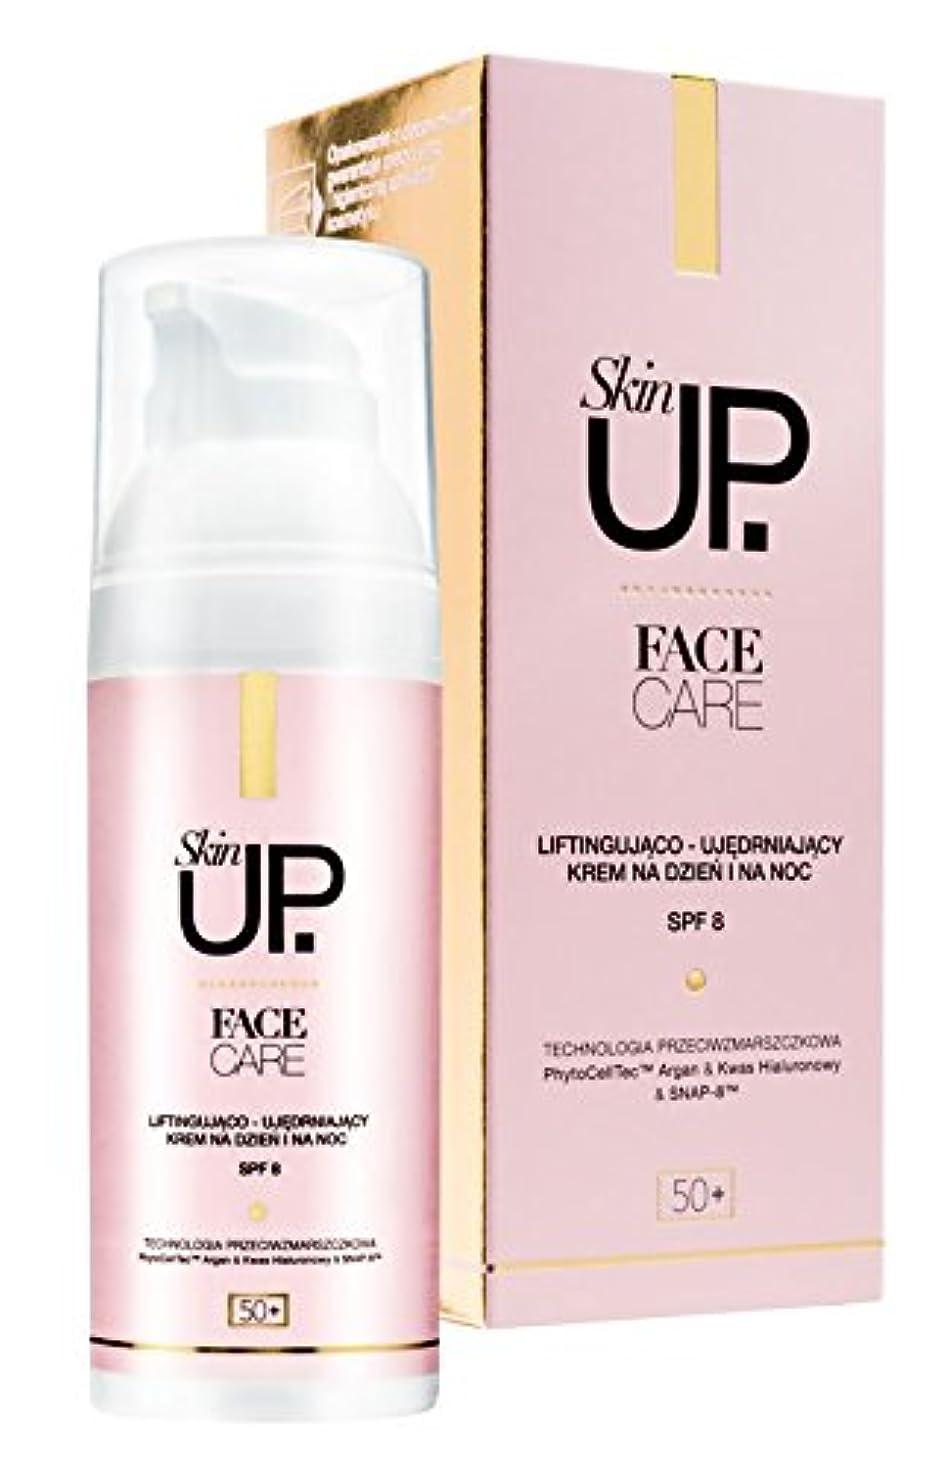 彫る天国一Skin UP(スキンアップ) SUフェイスクリームアドバンス 「植物幹細胞エキス+2種のヒアルロン酸+SNAP-8」配合 ベタつかない高保湿クリーム